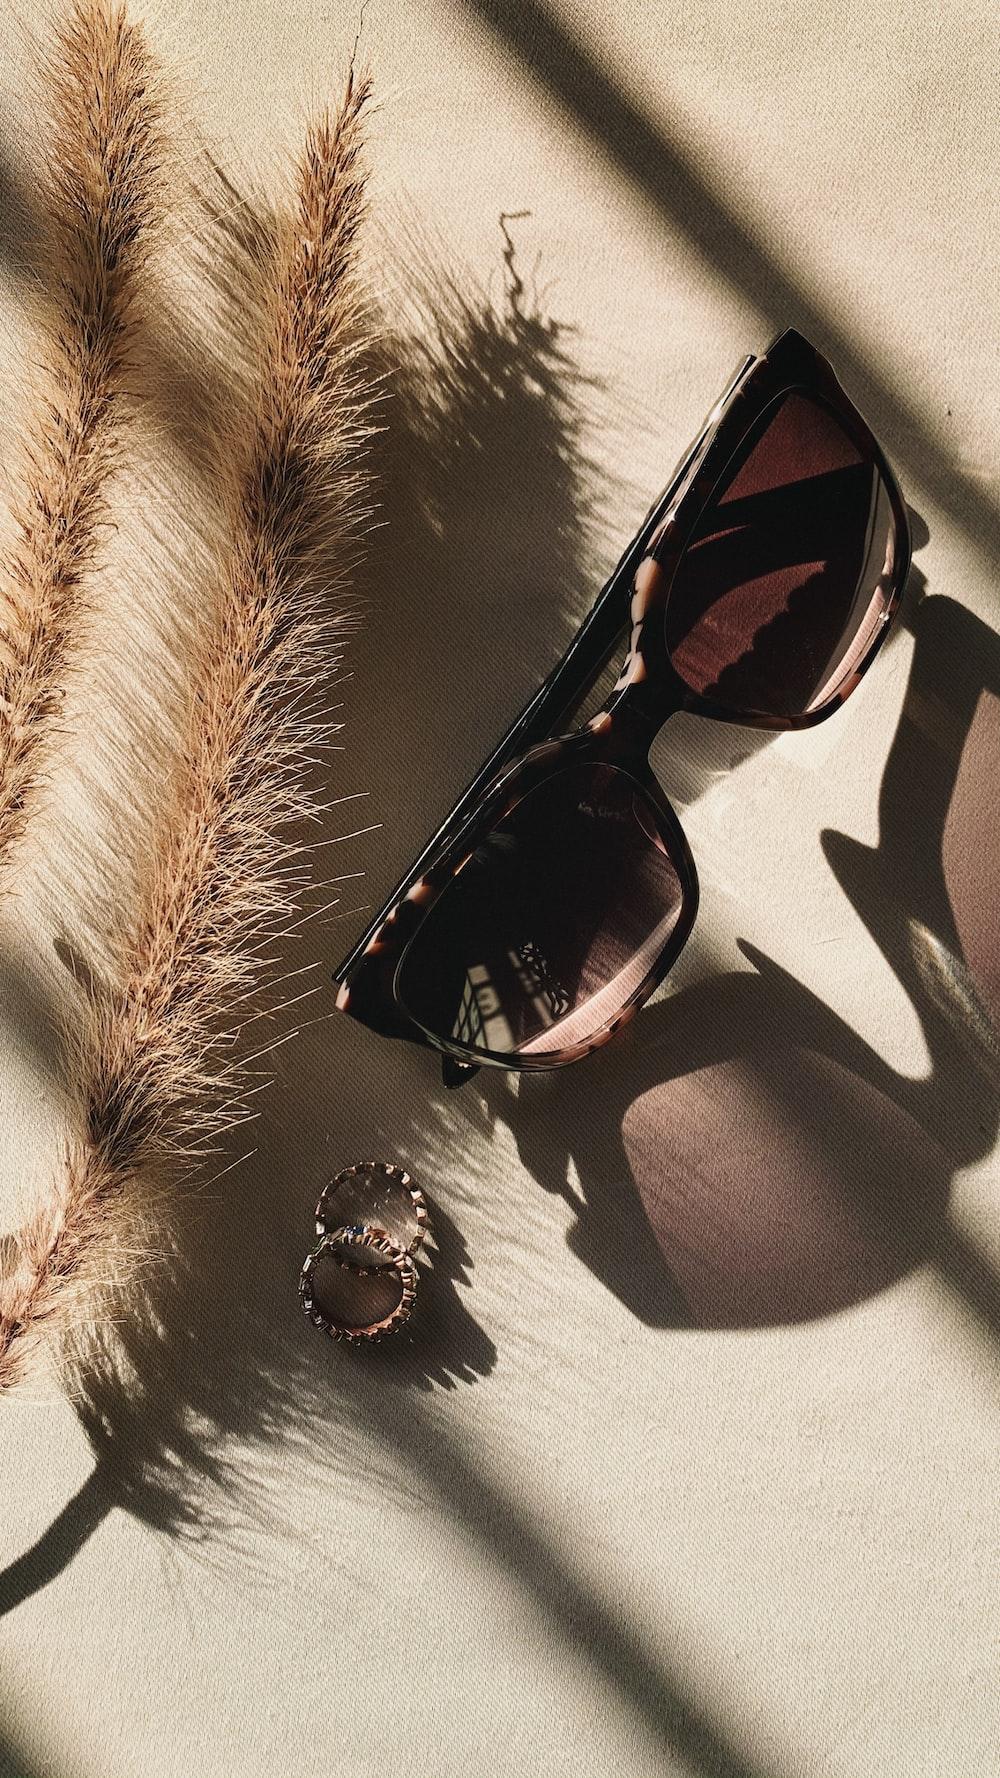 black framed sunglasses on white and black textile